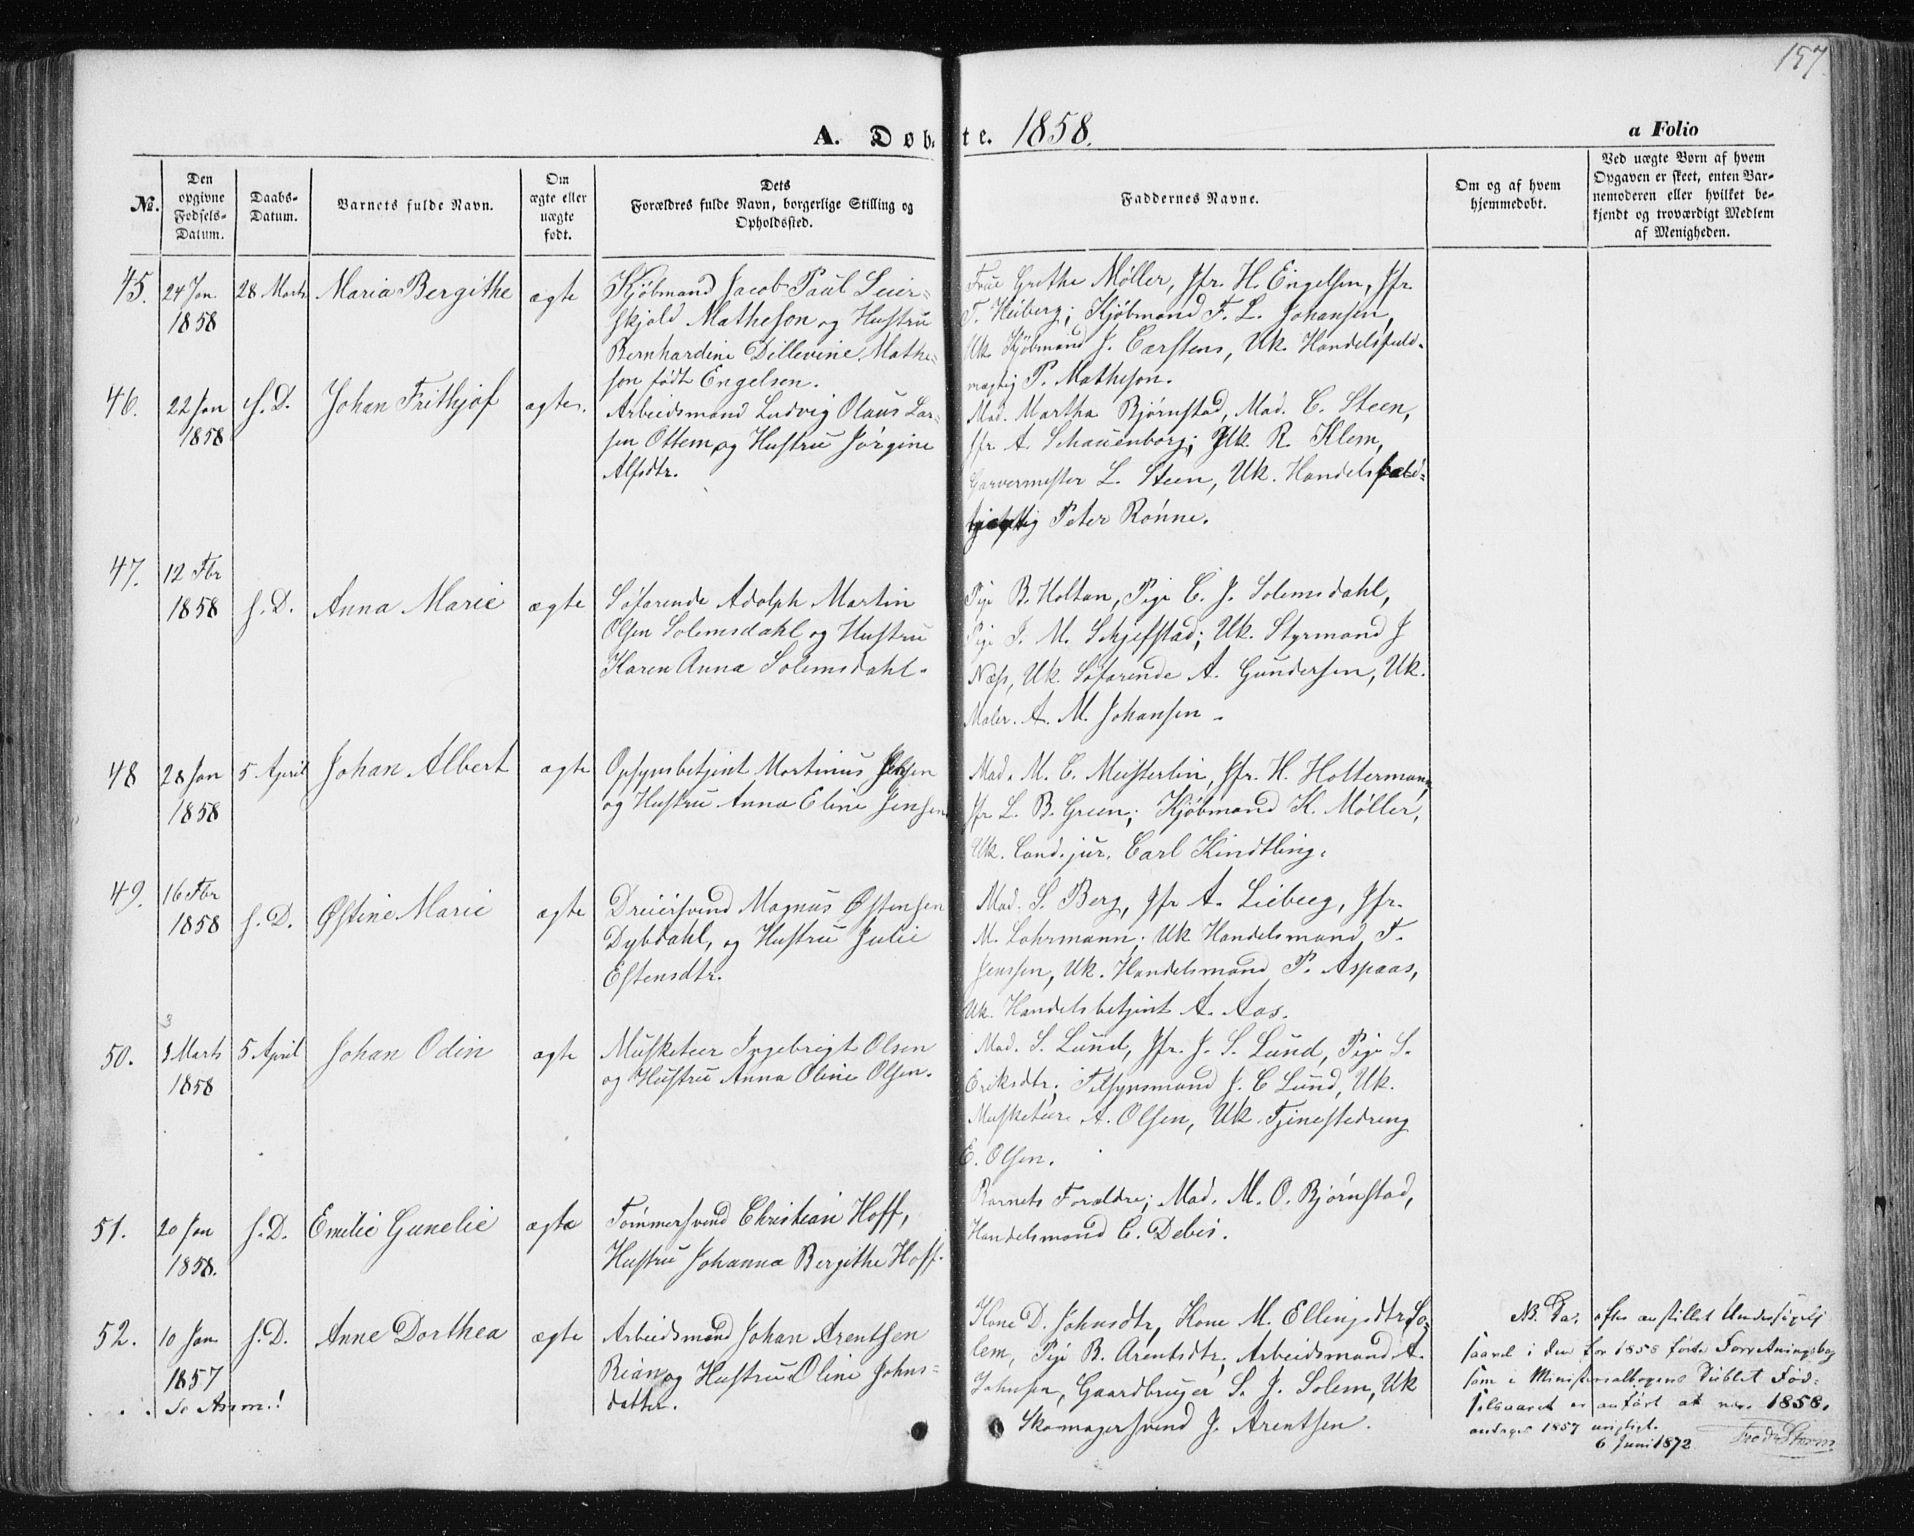 SAT, Ministerialprotokoller, klokkerbøker og fødselsregistre - Sør-Trøndelag, 602/L0112: Ministerialbok nr. 602A10, 1848-1859, s. 157